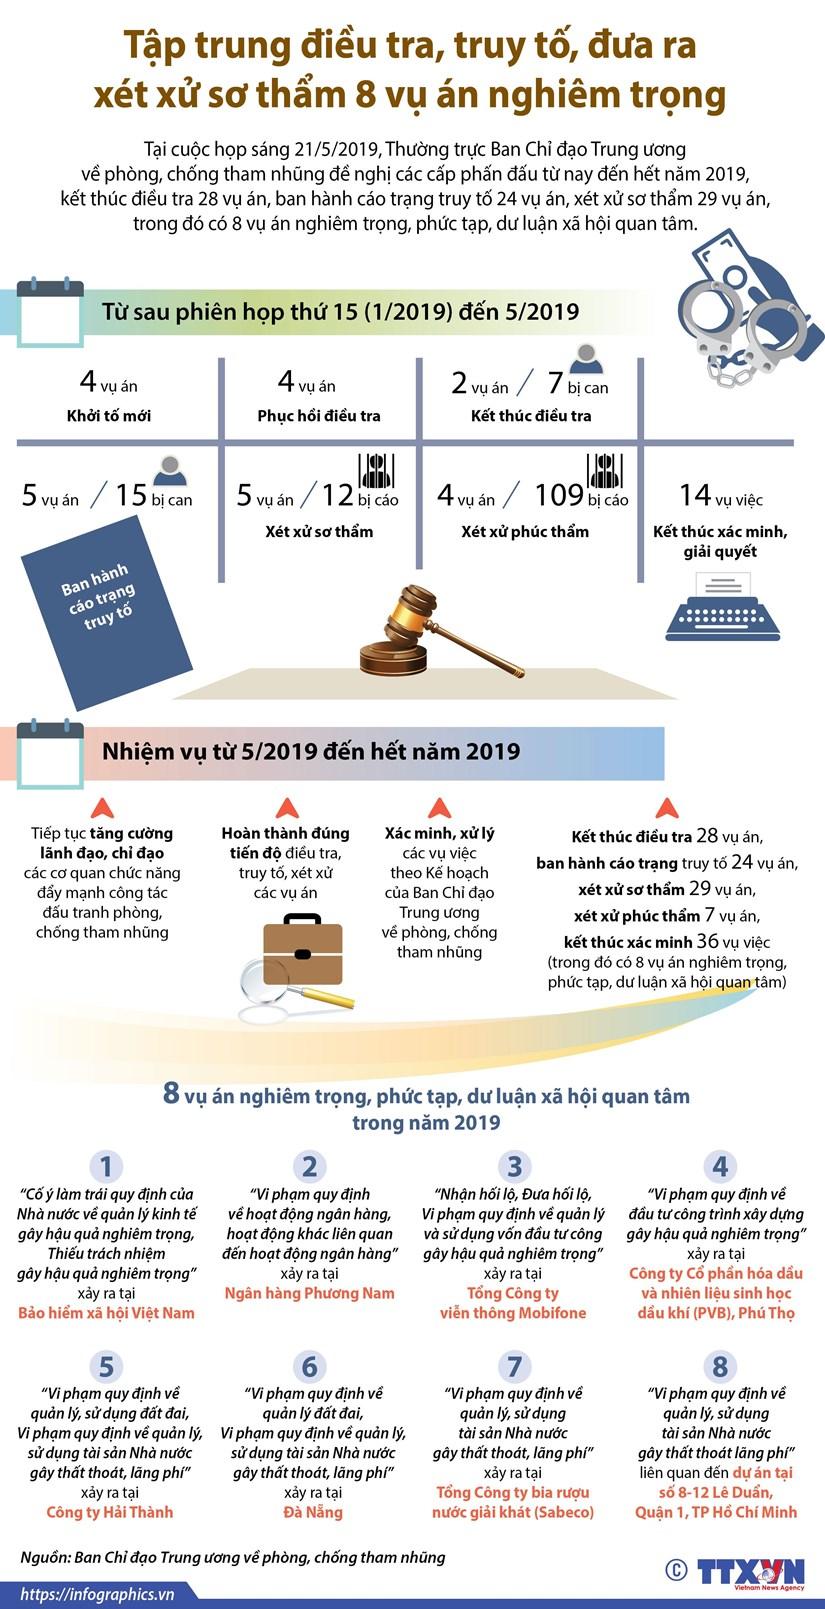 Tập trung điều tra, truy tố, xét xử sơ thẩm 8 vụ án nghiêm trọng